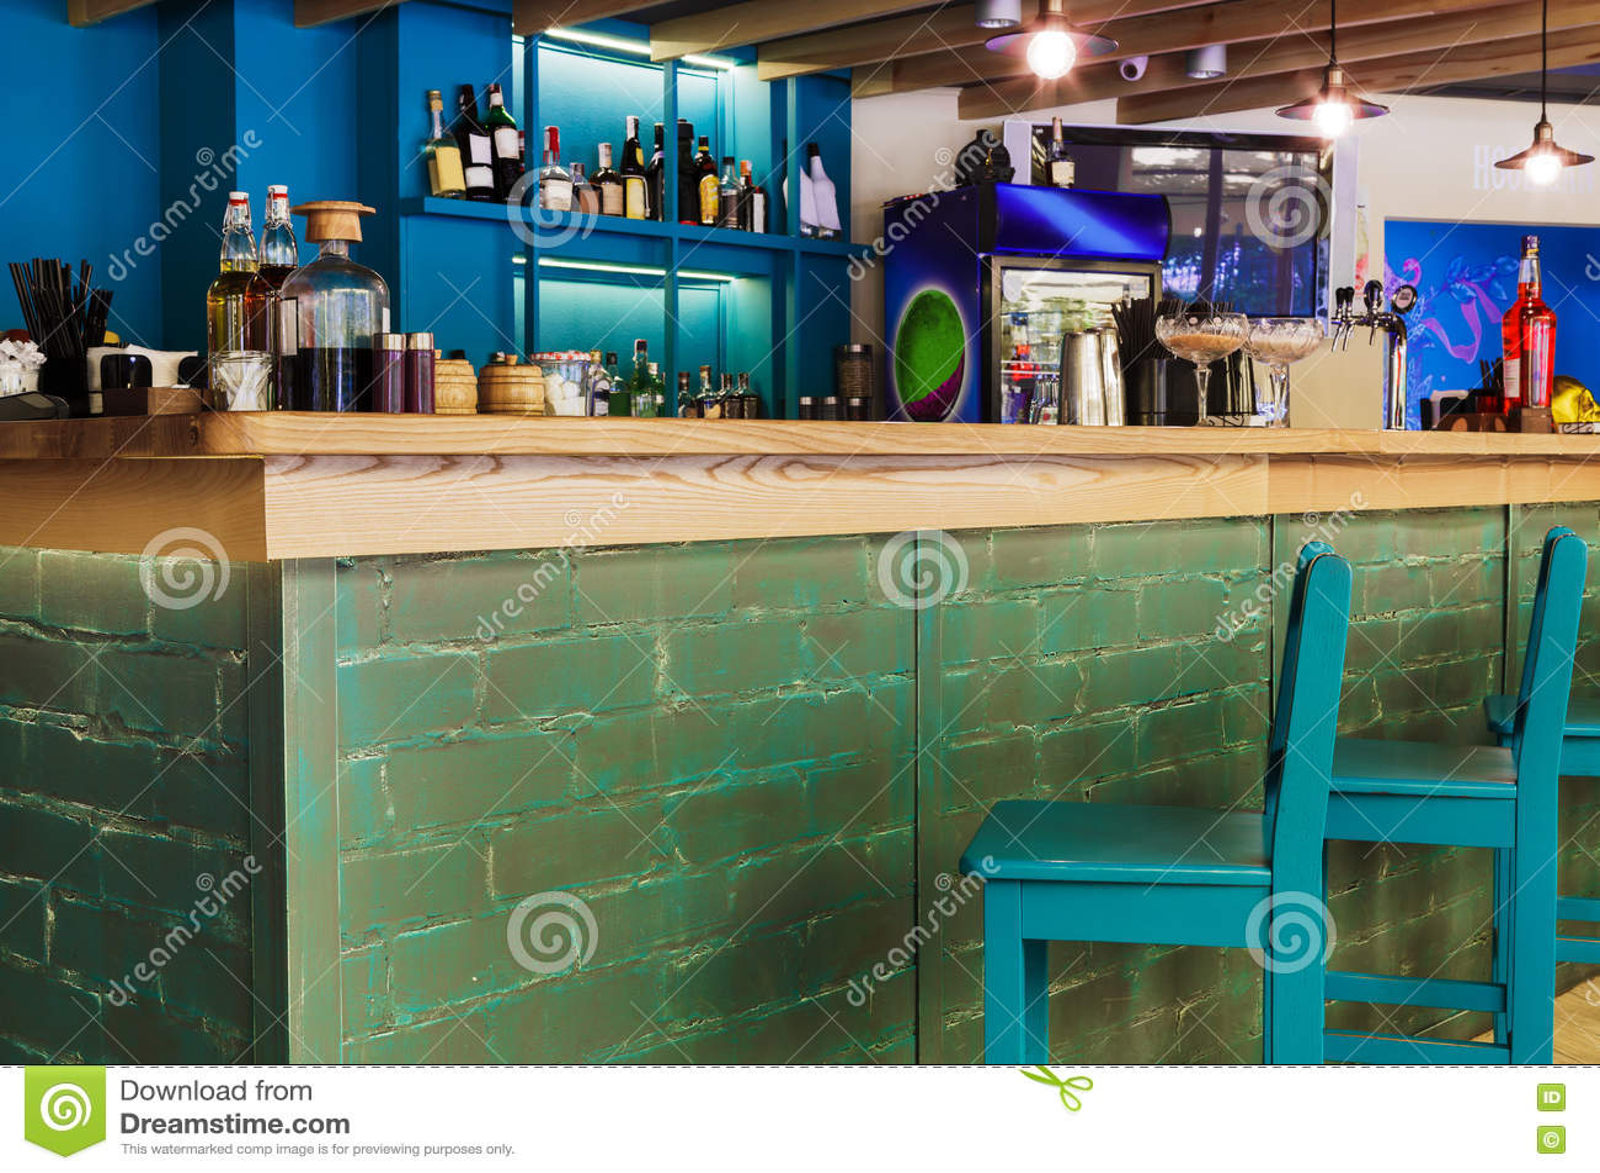 Modern Restaurant Bar Or Cafe Interior Stock Image Image Of Desk Cafeteria 79718567